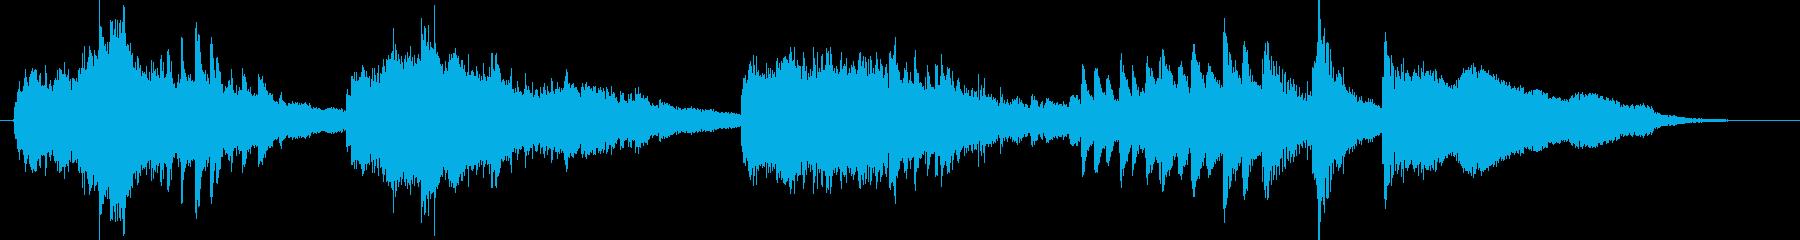 ピアノサウンドが幻想的な和風ジングルの再生済みの波形